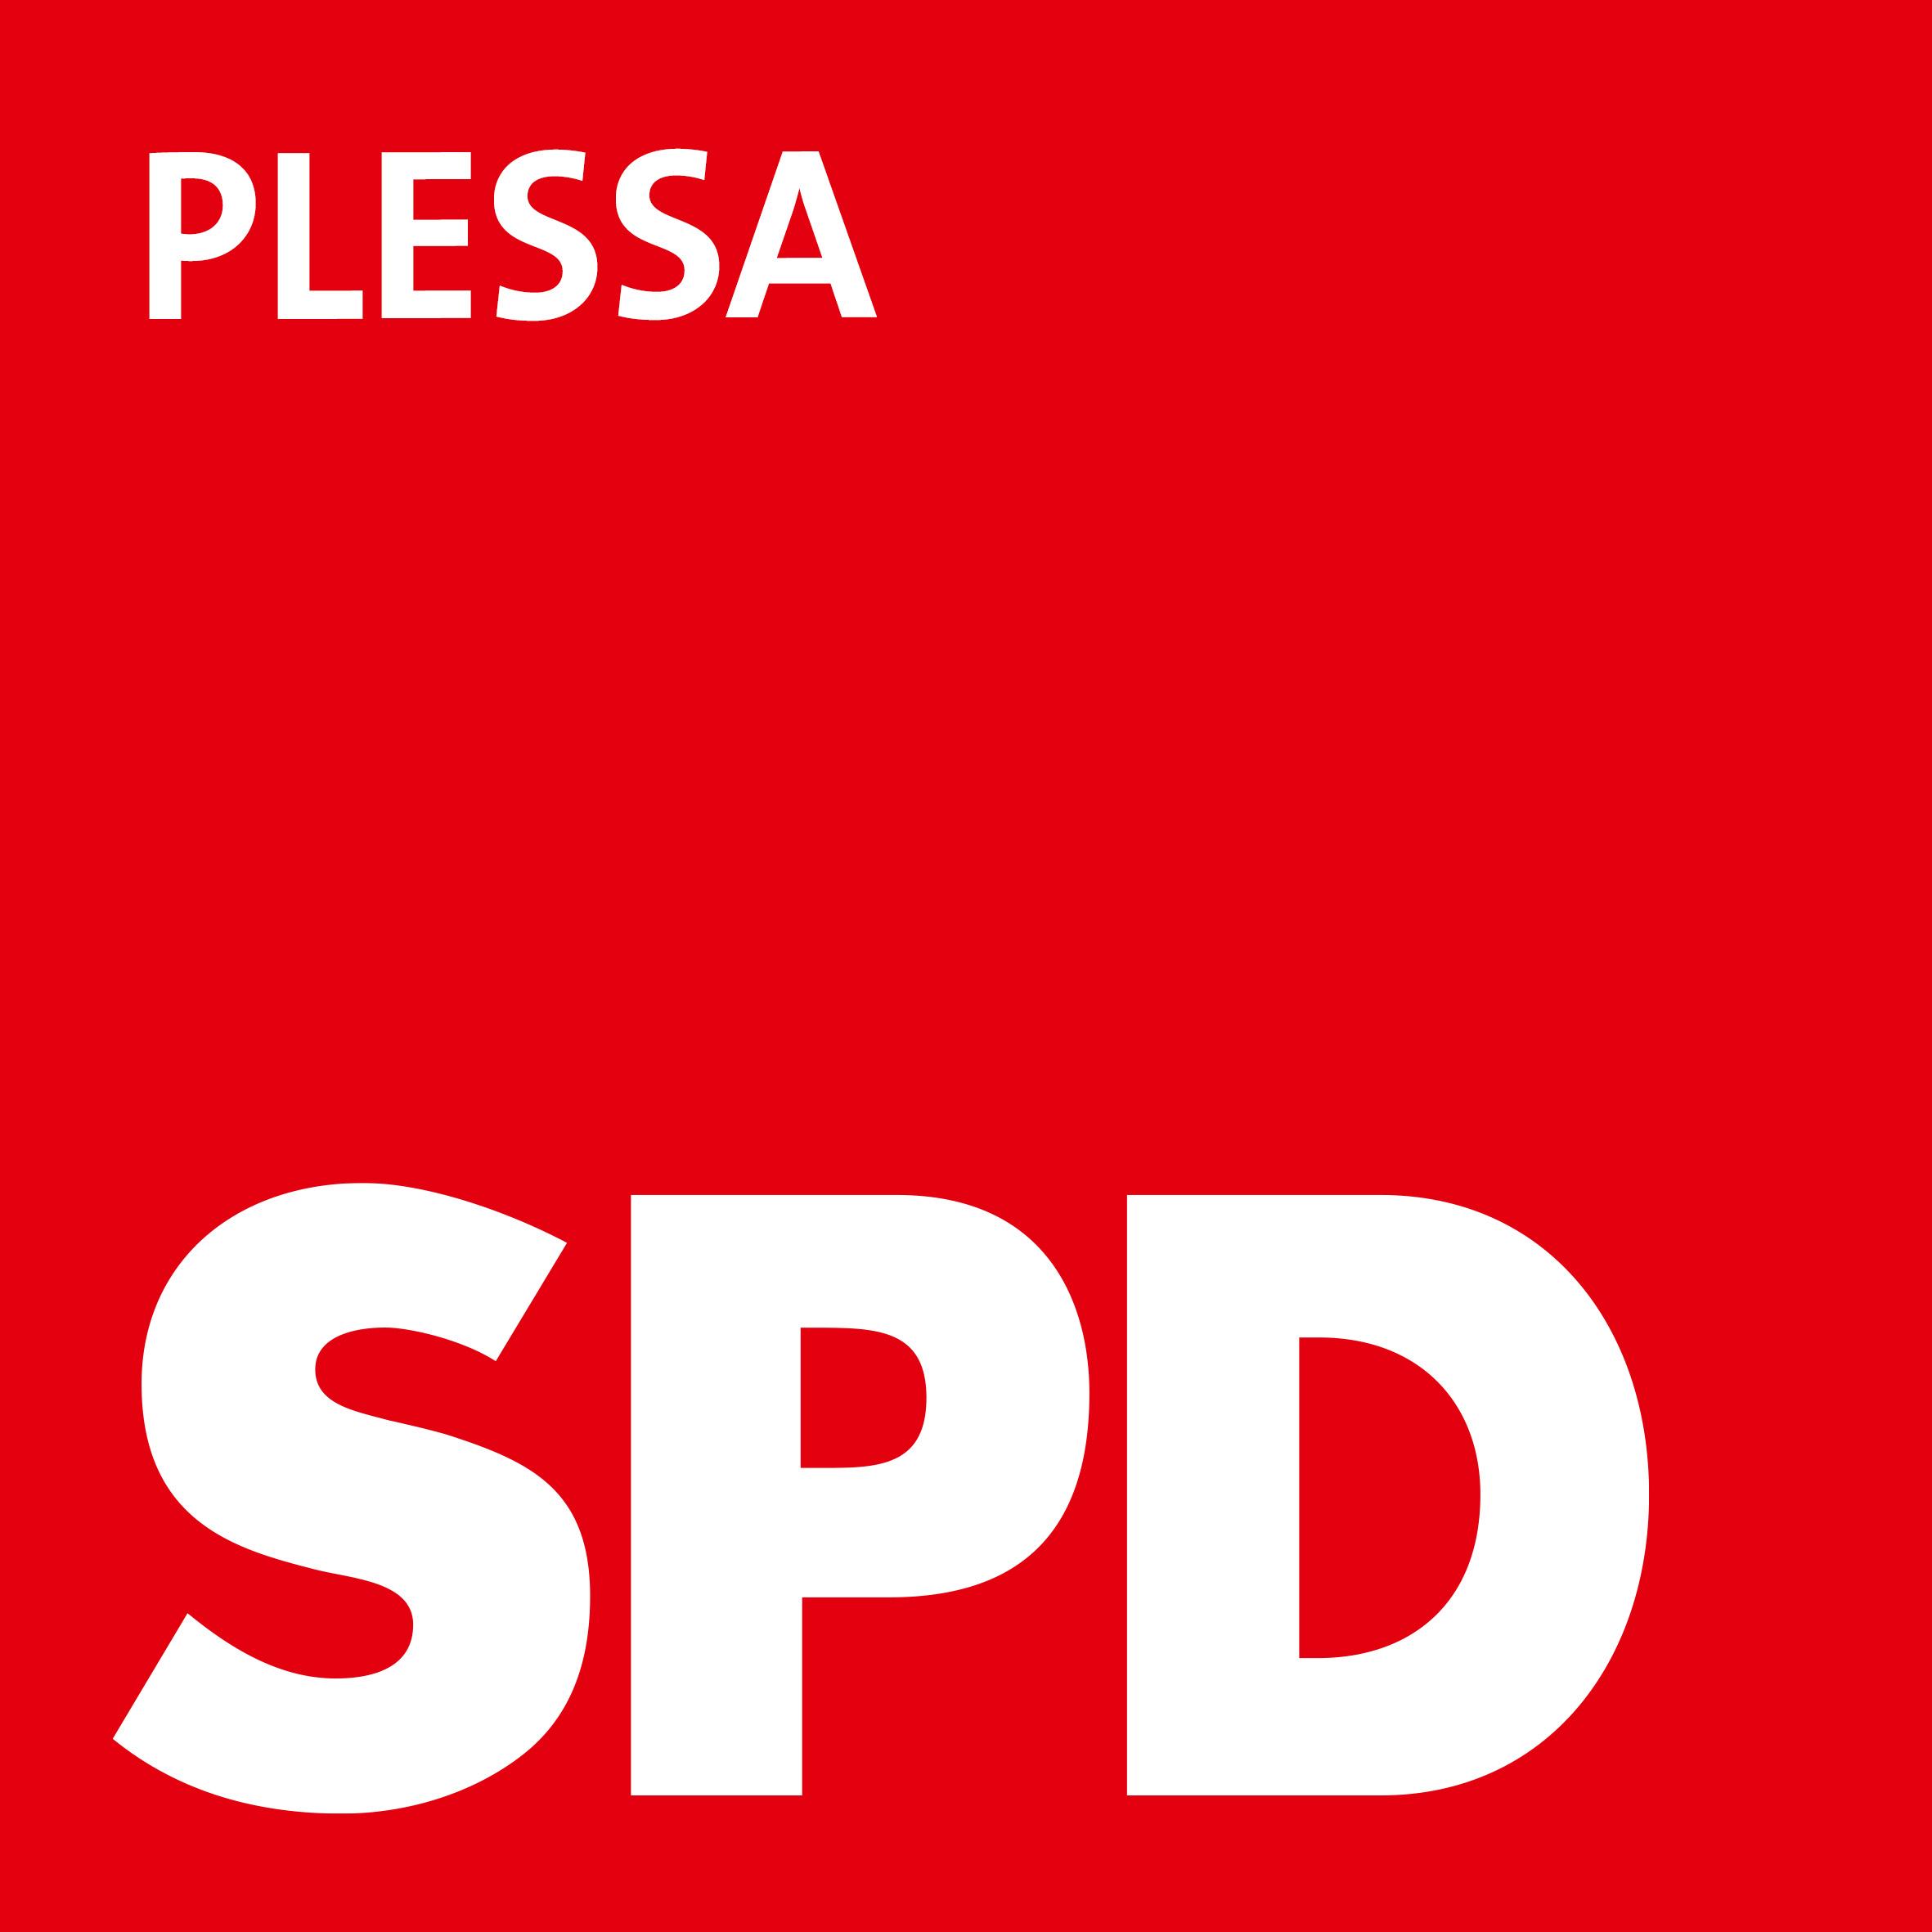 SPD Plessa